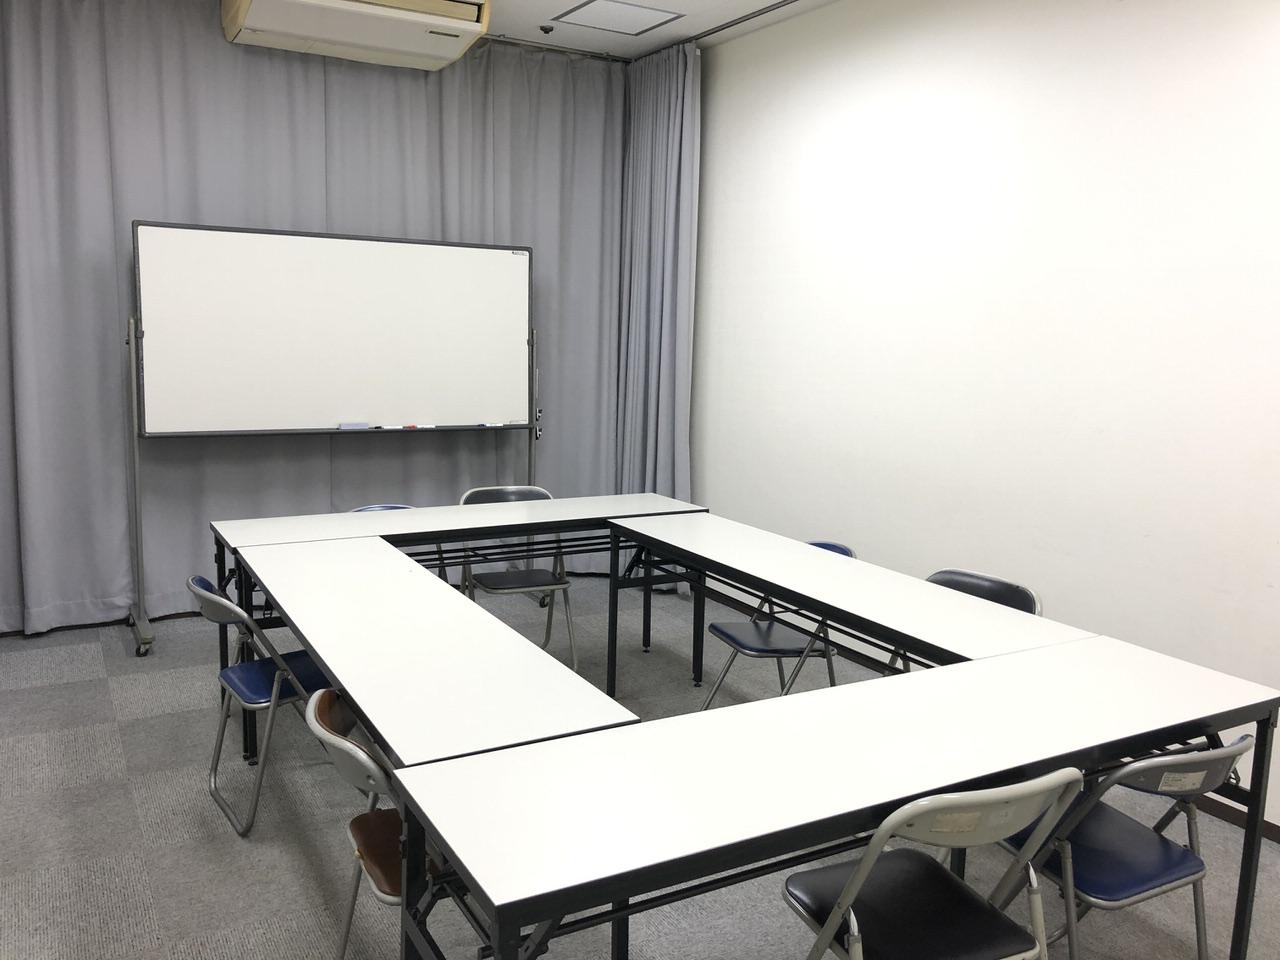 にぎわいプラザ1-1会議室